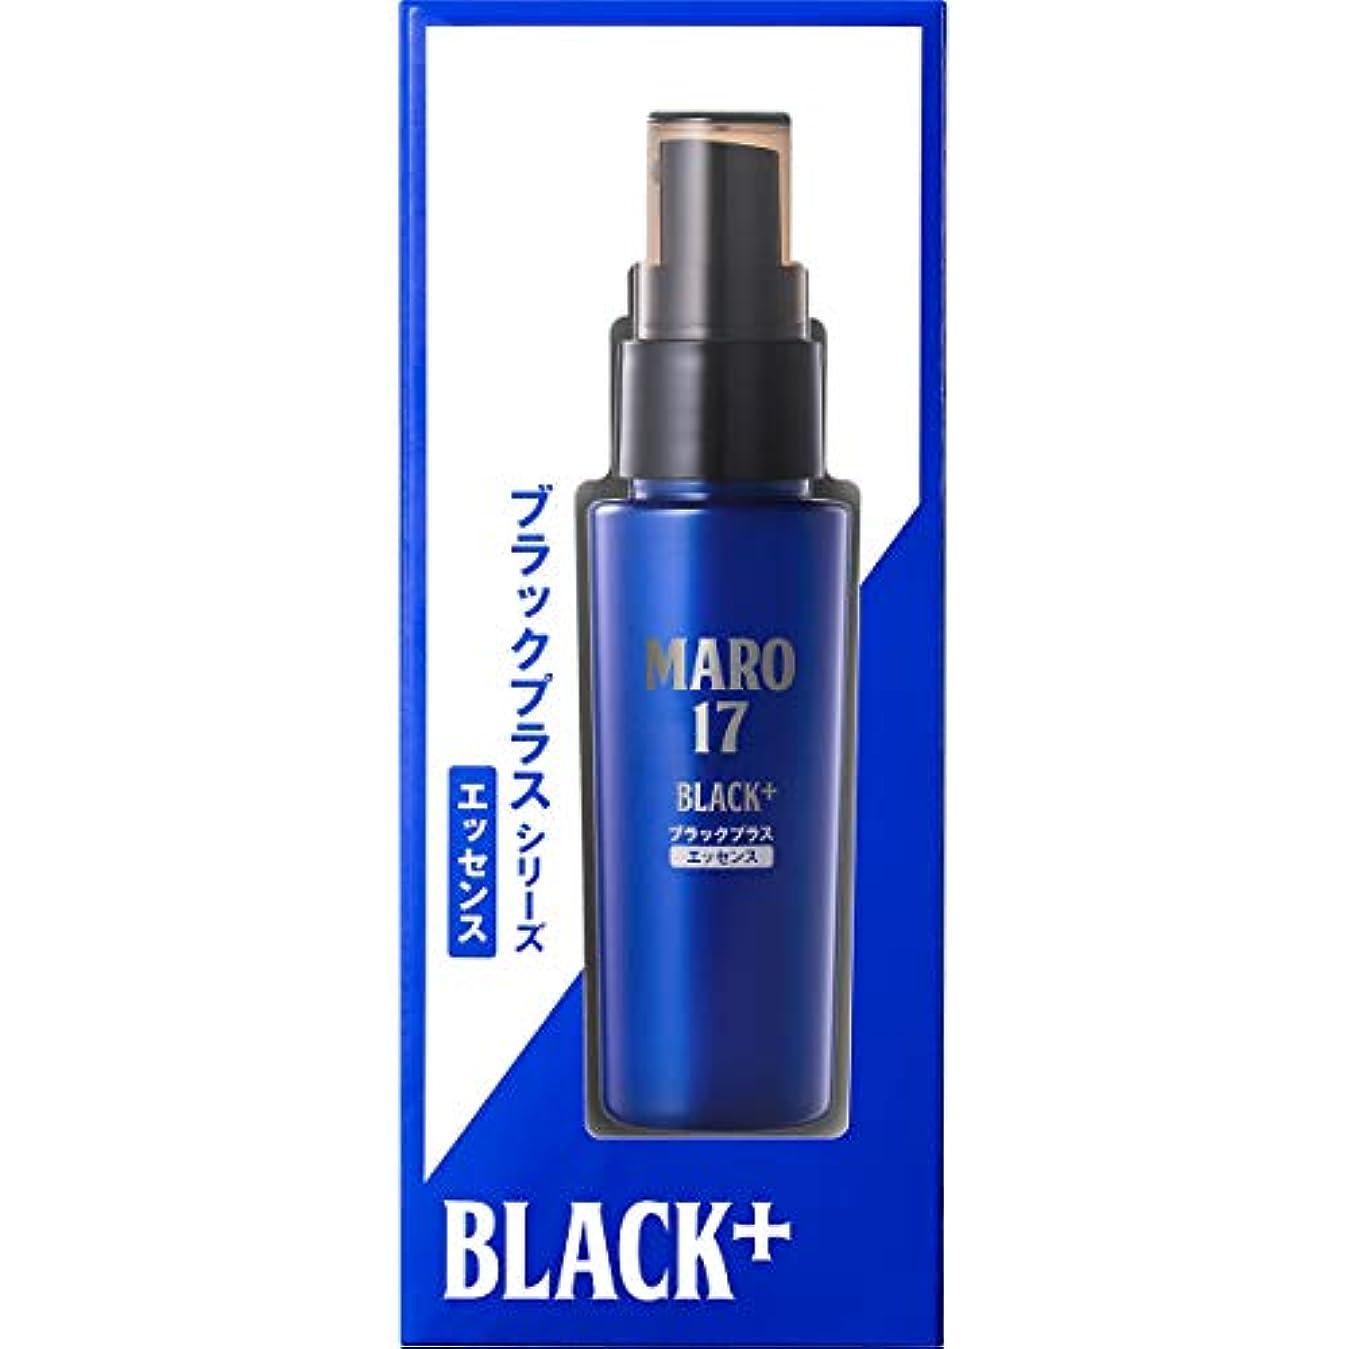 の前でどれか良性MARO17 ブラックプラス シリーズ エッセンス 50ml